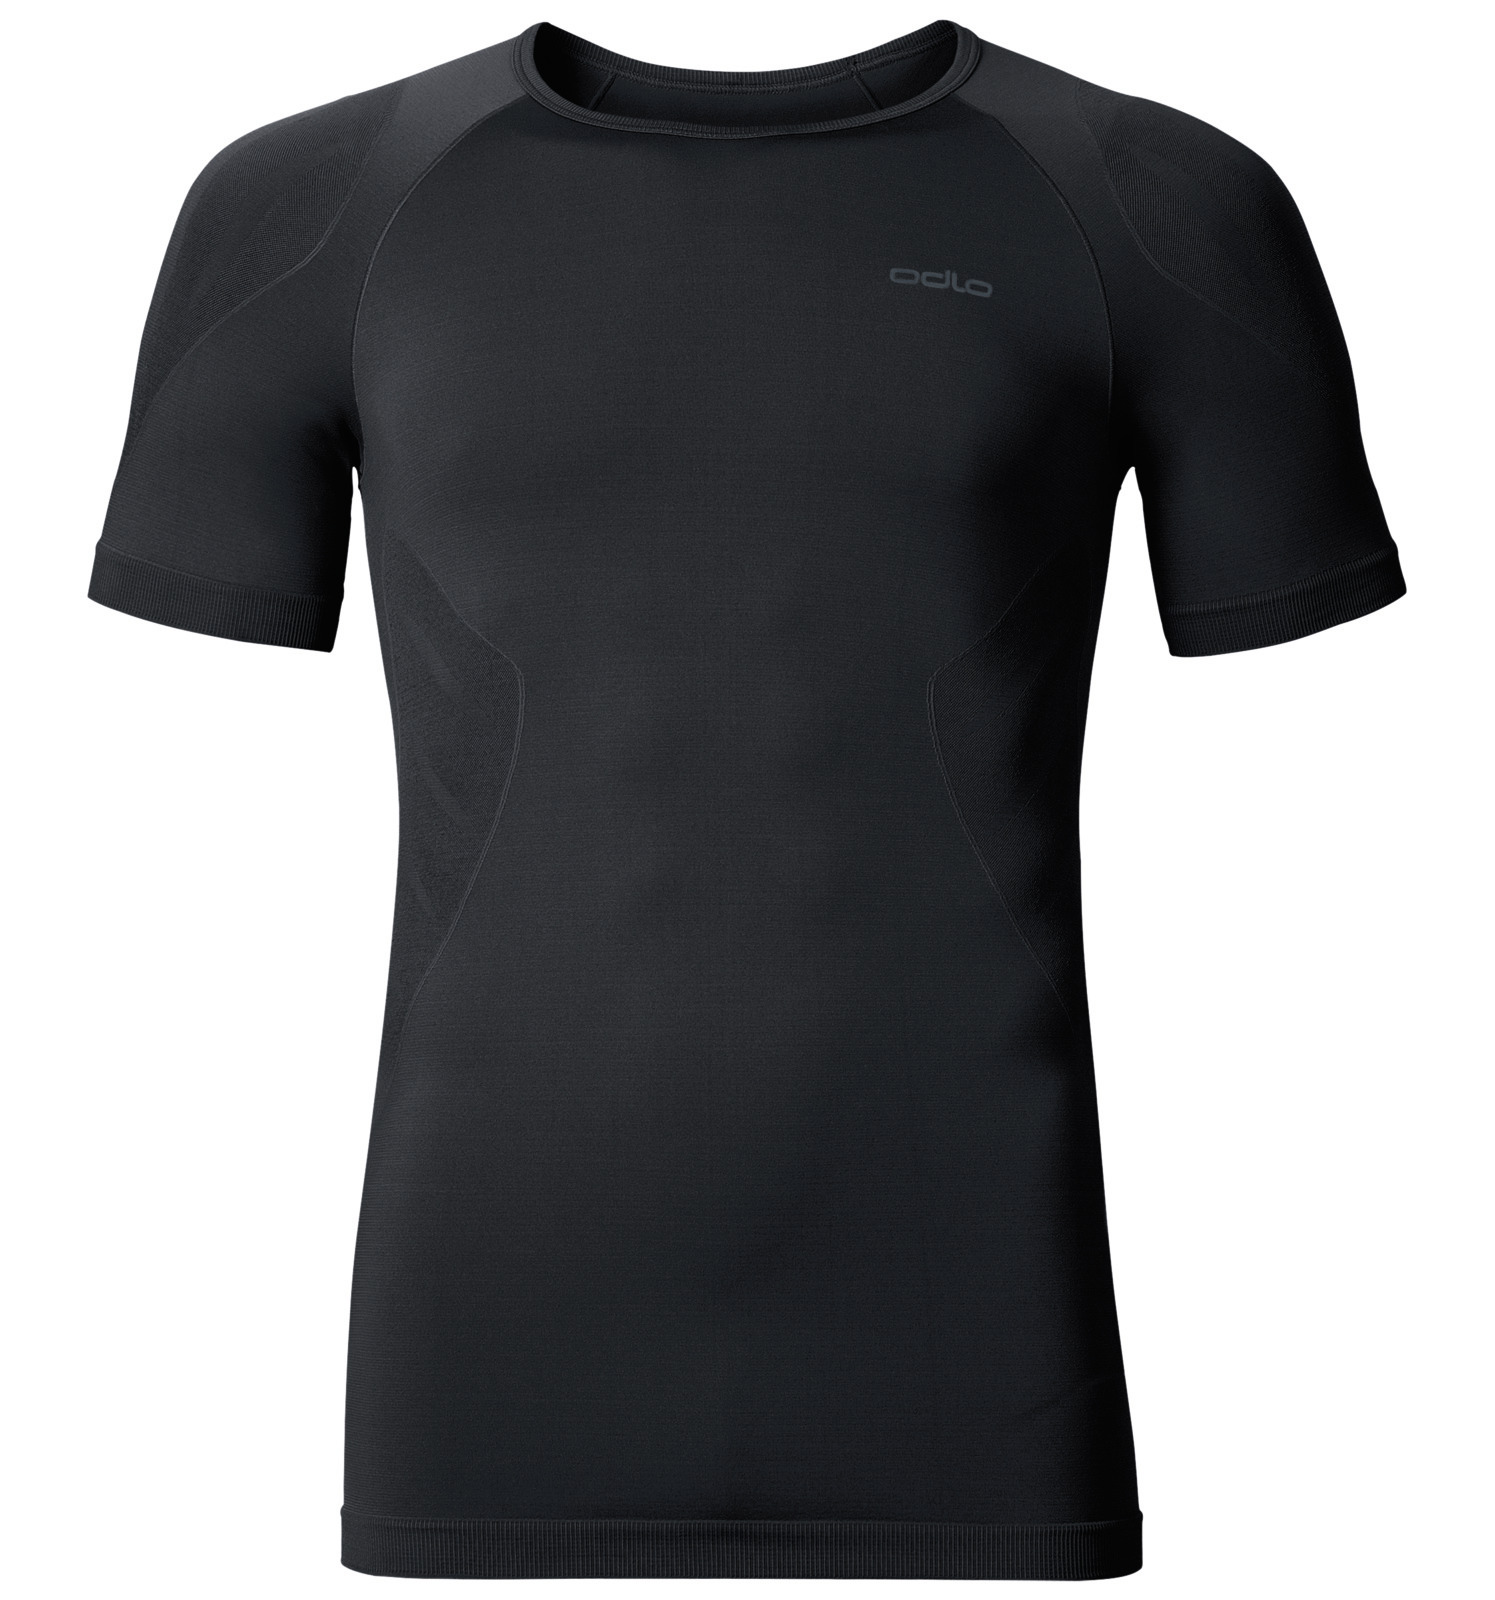 Odlo Men Shirt SS Crew Neck Evolution Light Black (S)